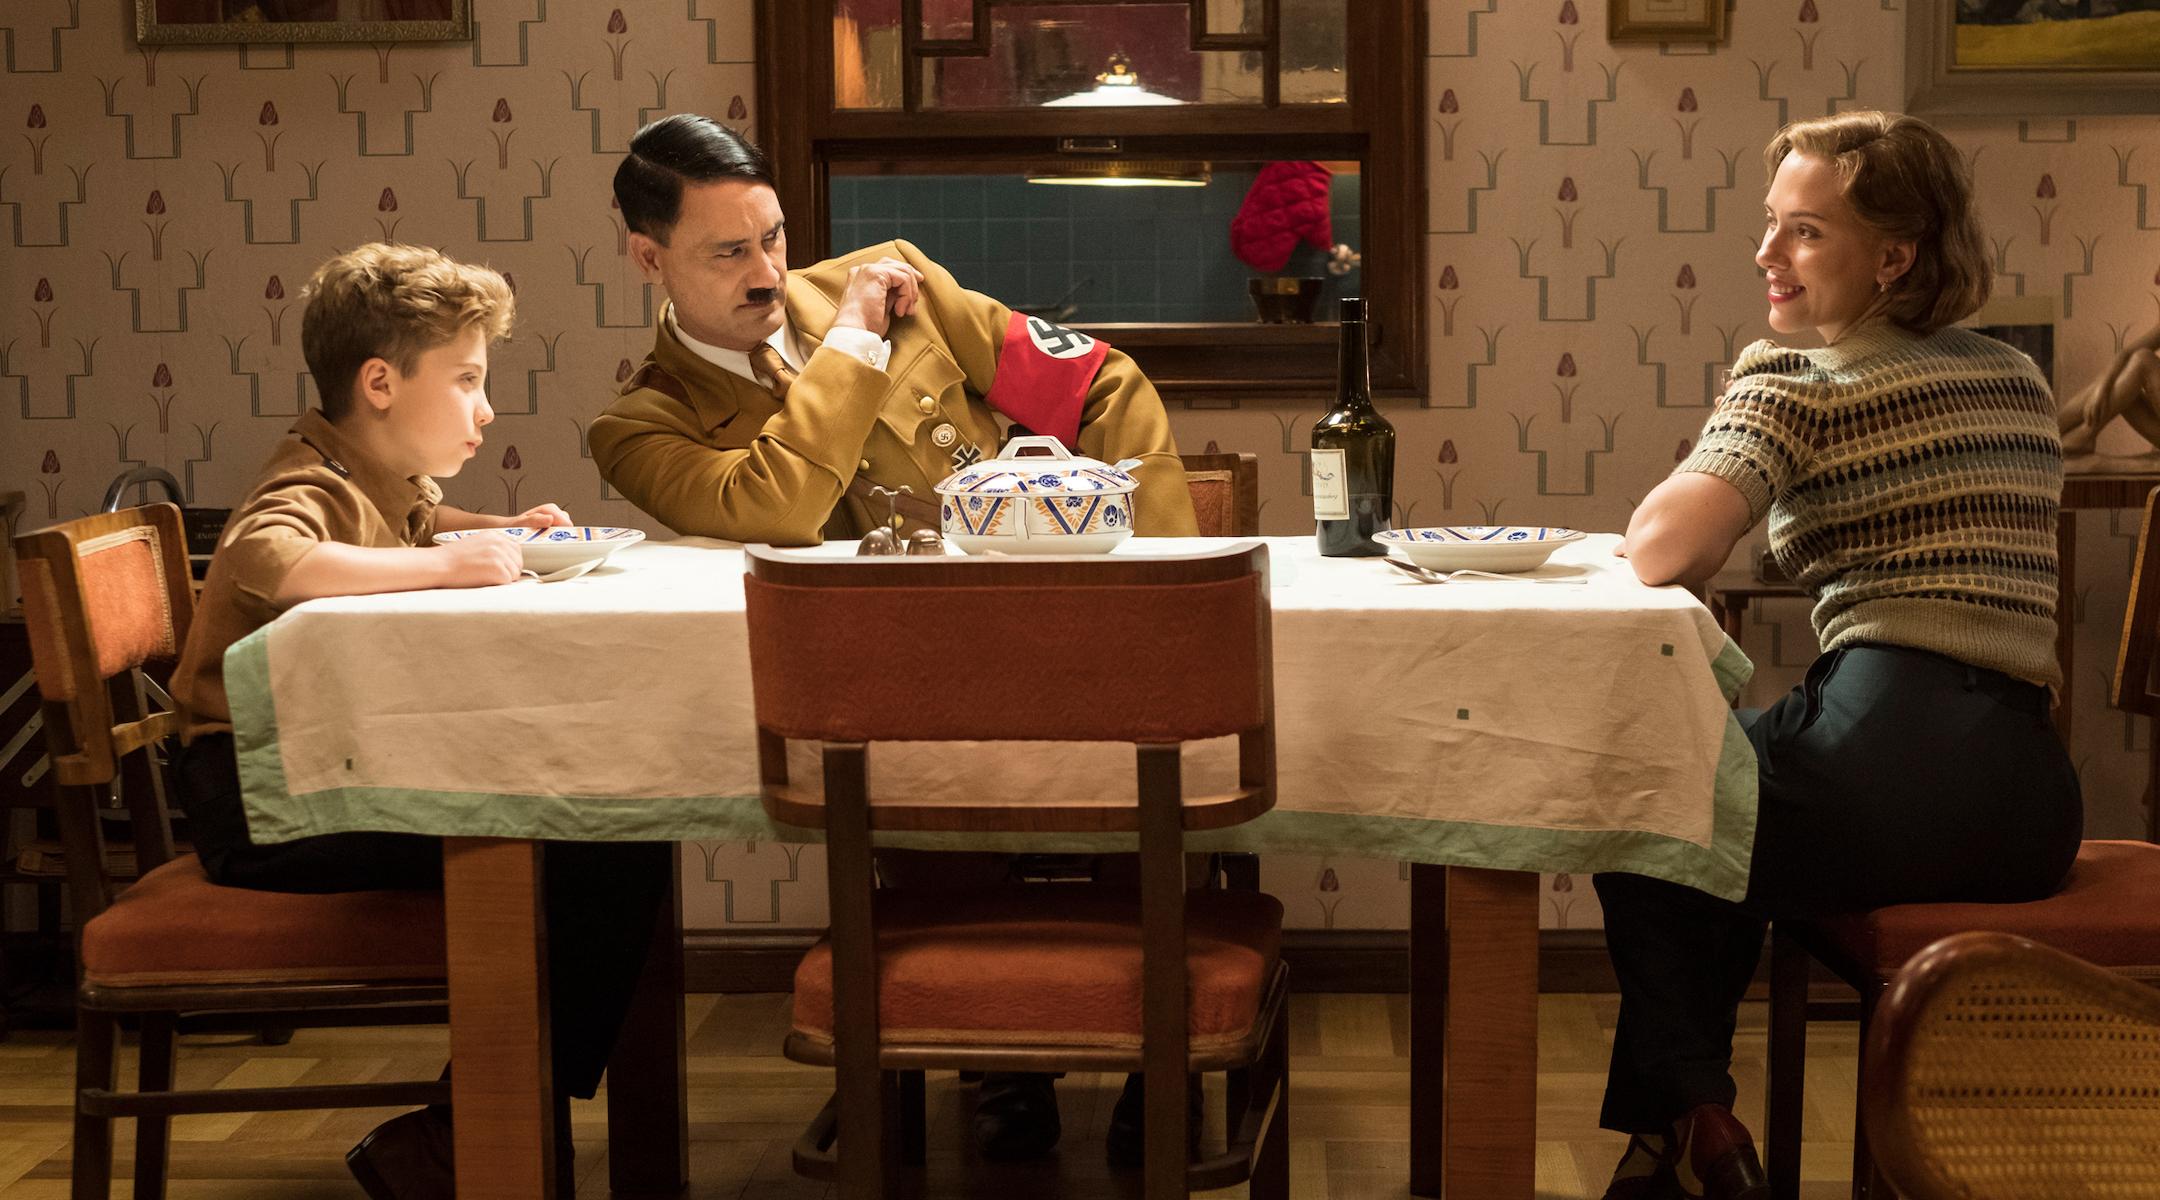 Скарлет Йоханссон, справа, играет мать Джохо, которая принимает еврейскую девушку, чтобы скрыть ее от нацистов. (Кимберли Френч / Двадцатый век Fox Film Corp.)